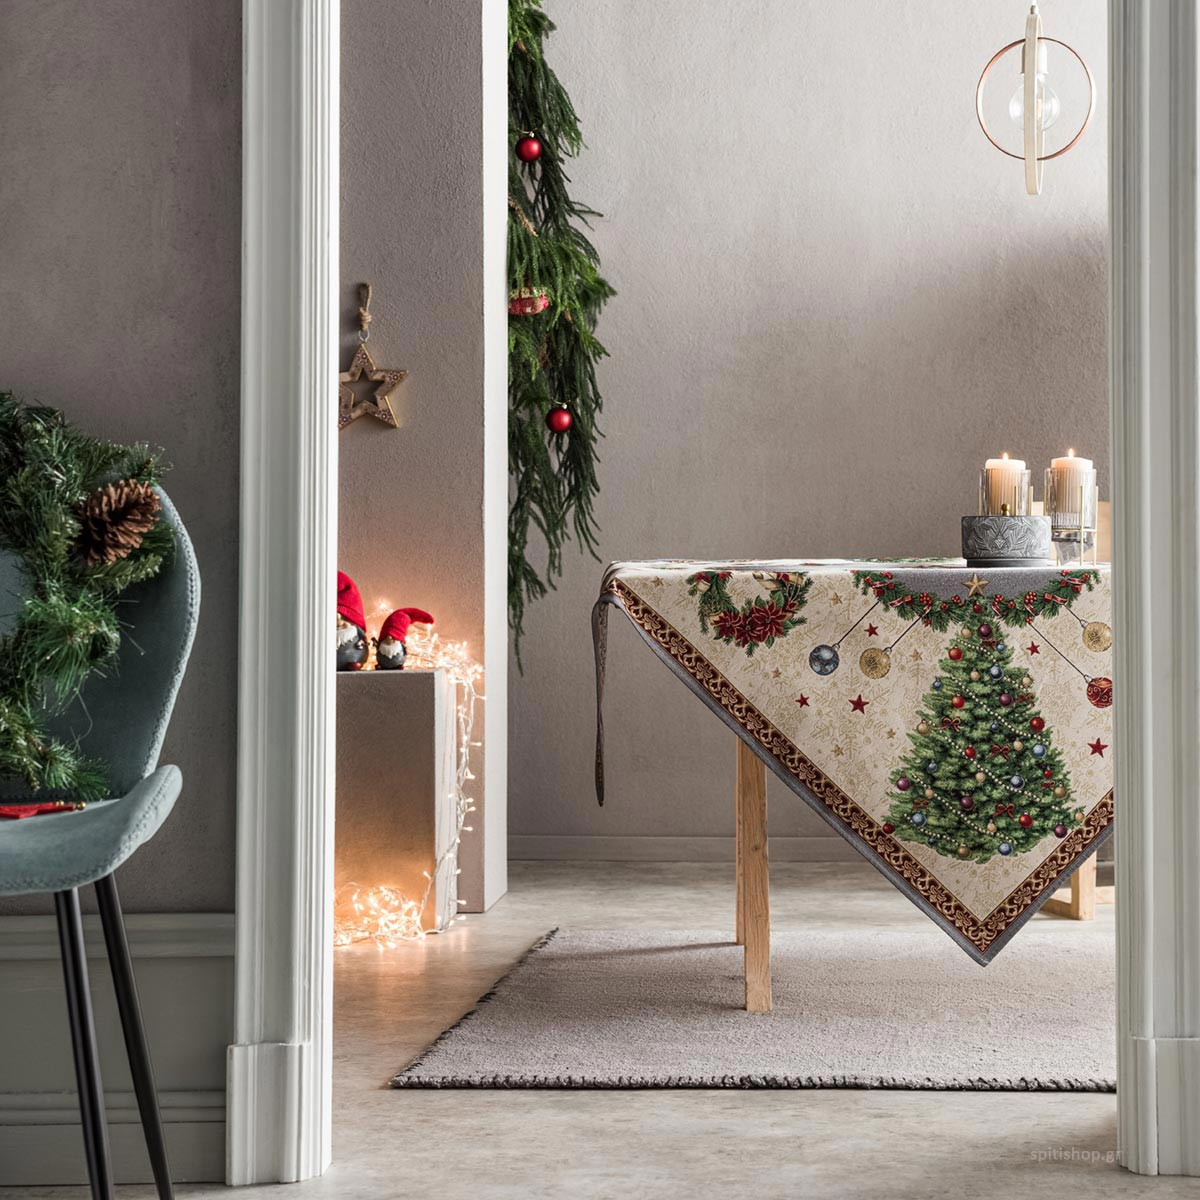 Χριστουγεννιάτικο Τραπεζομάντηλο (135×220) Gofis Home 718